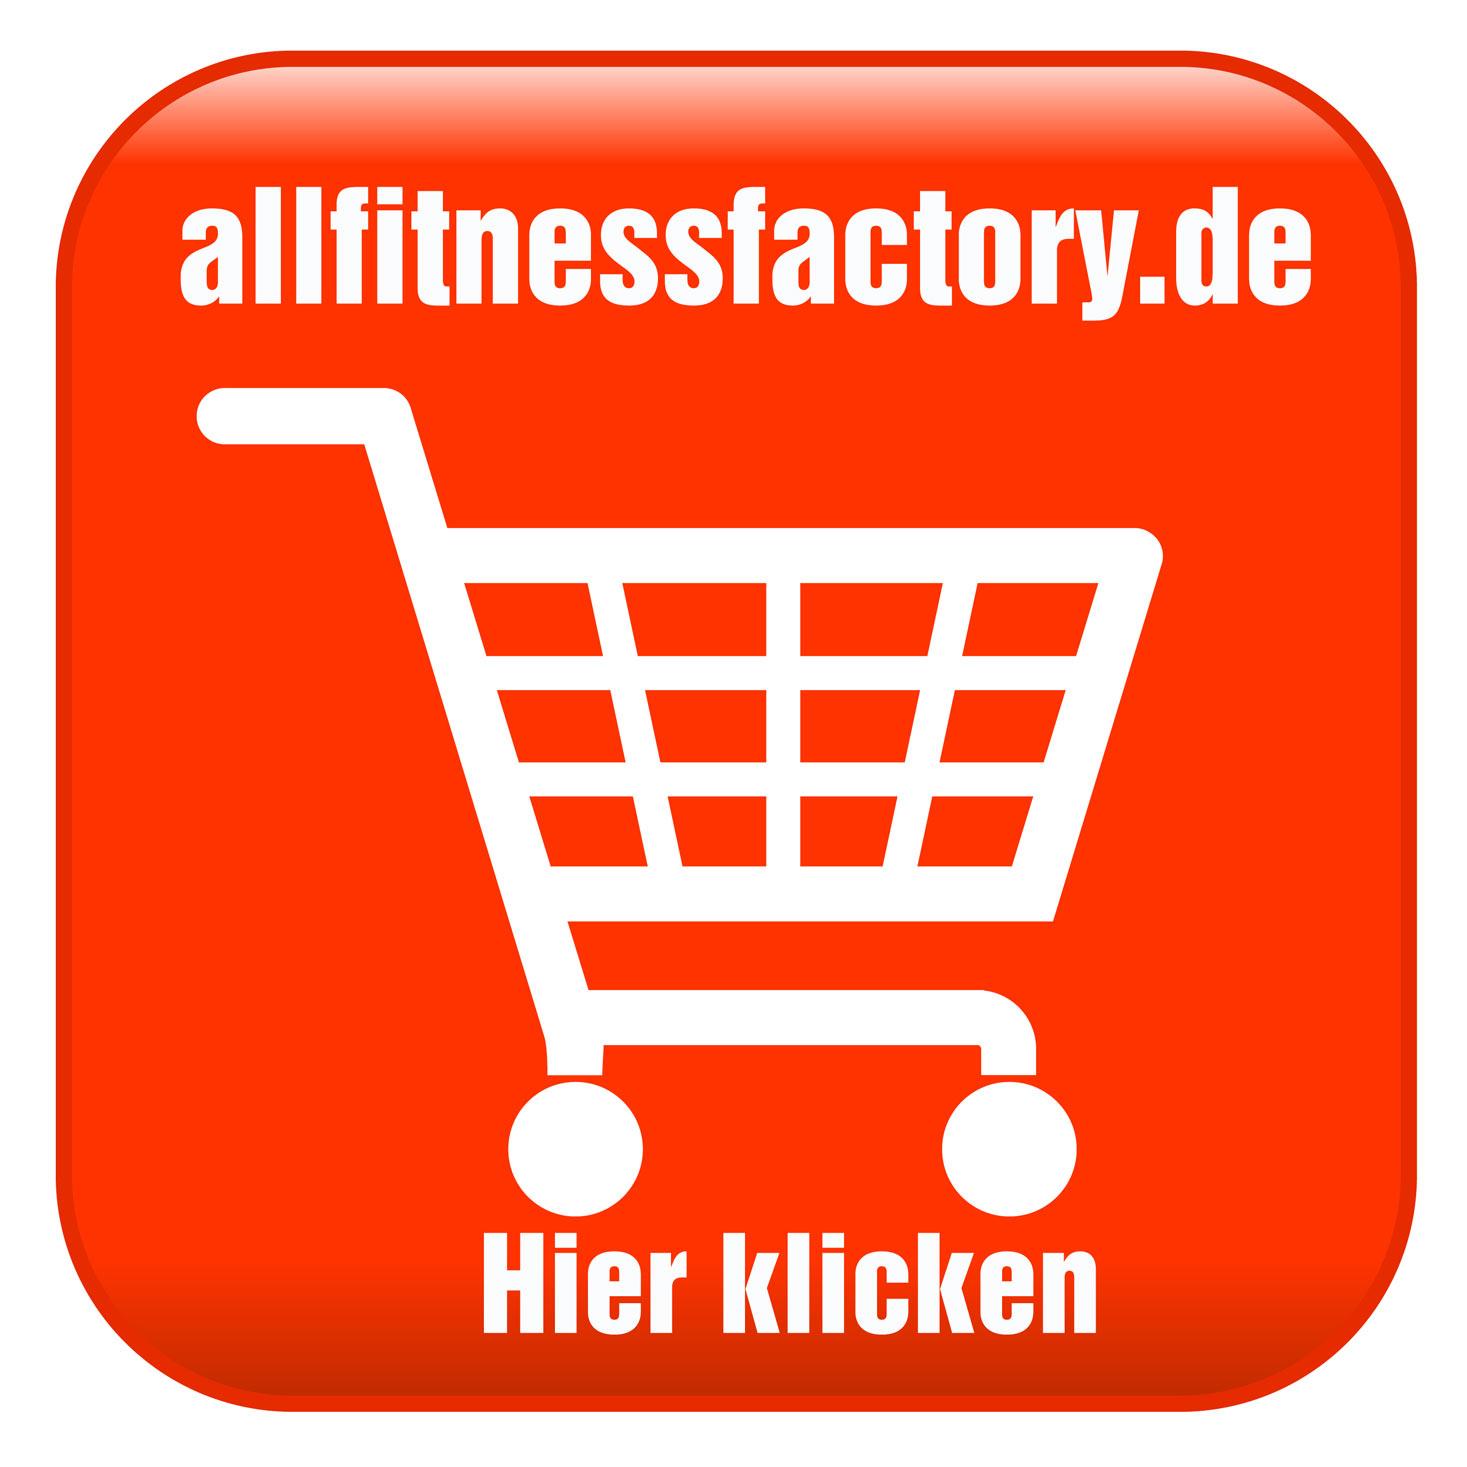 allfitnessfactory WebShop